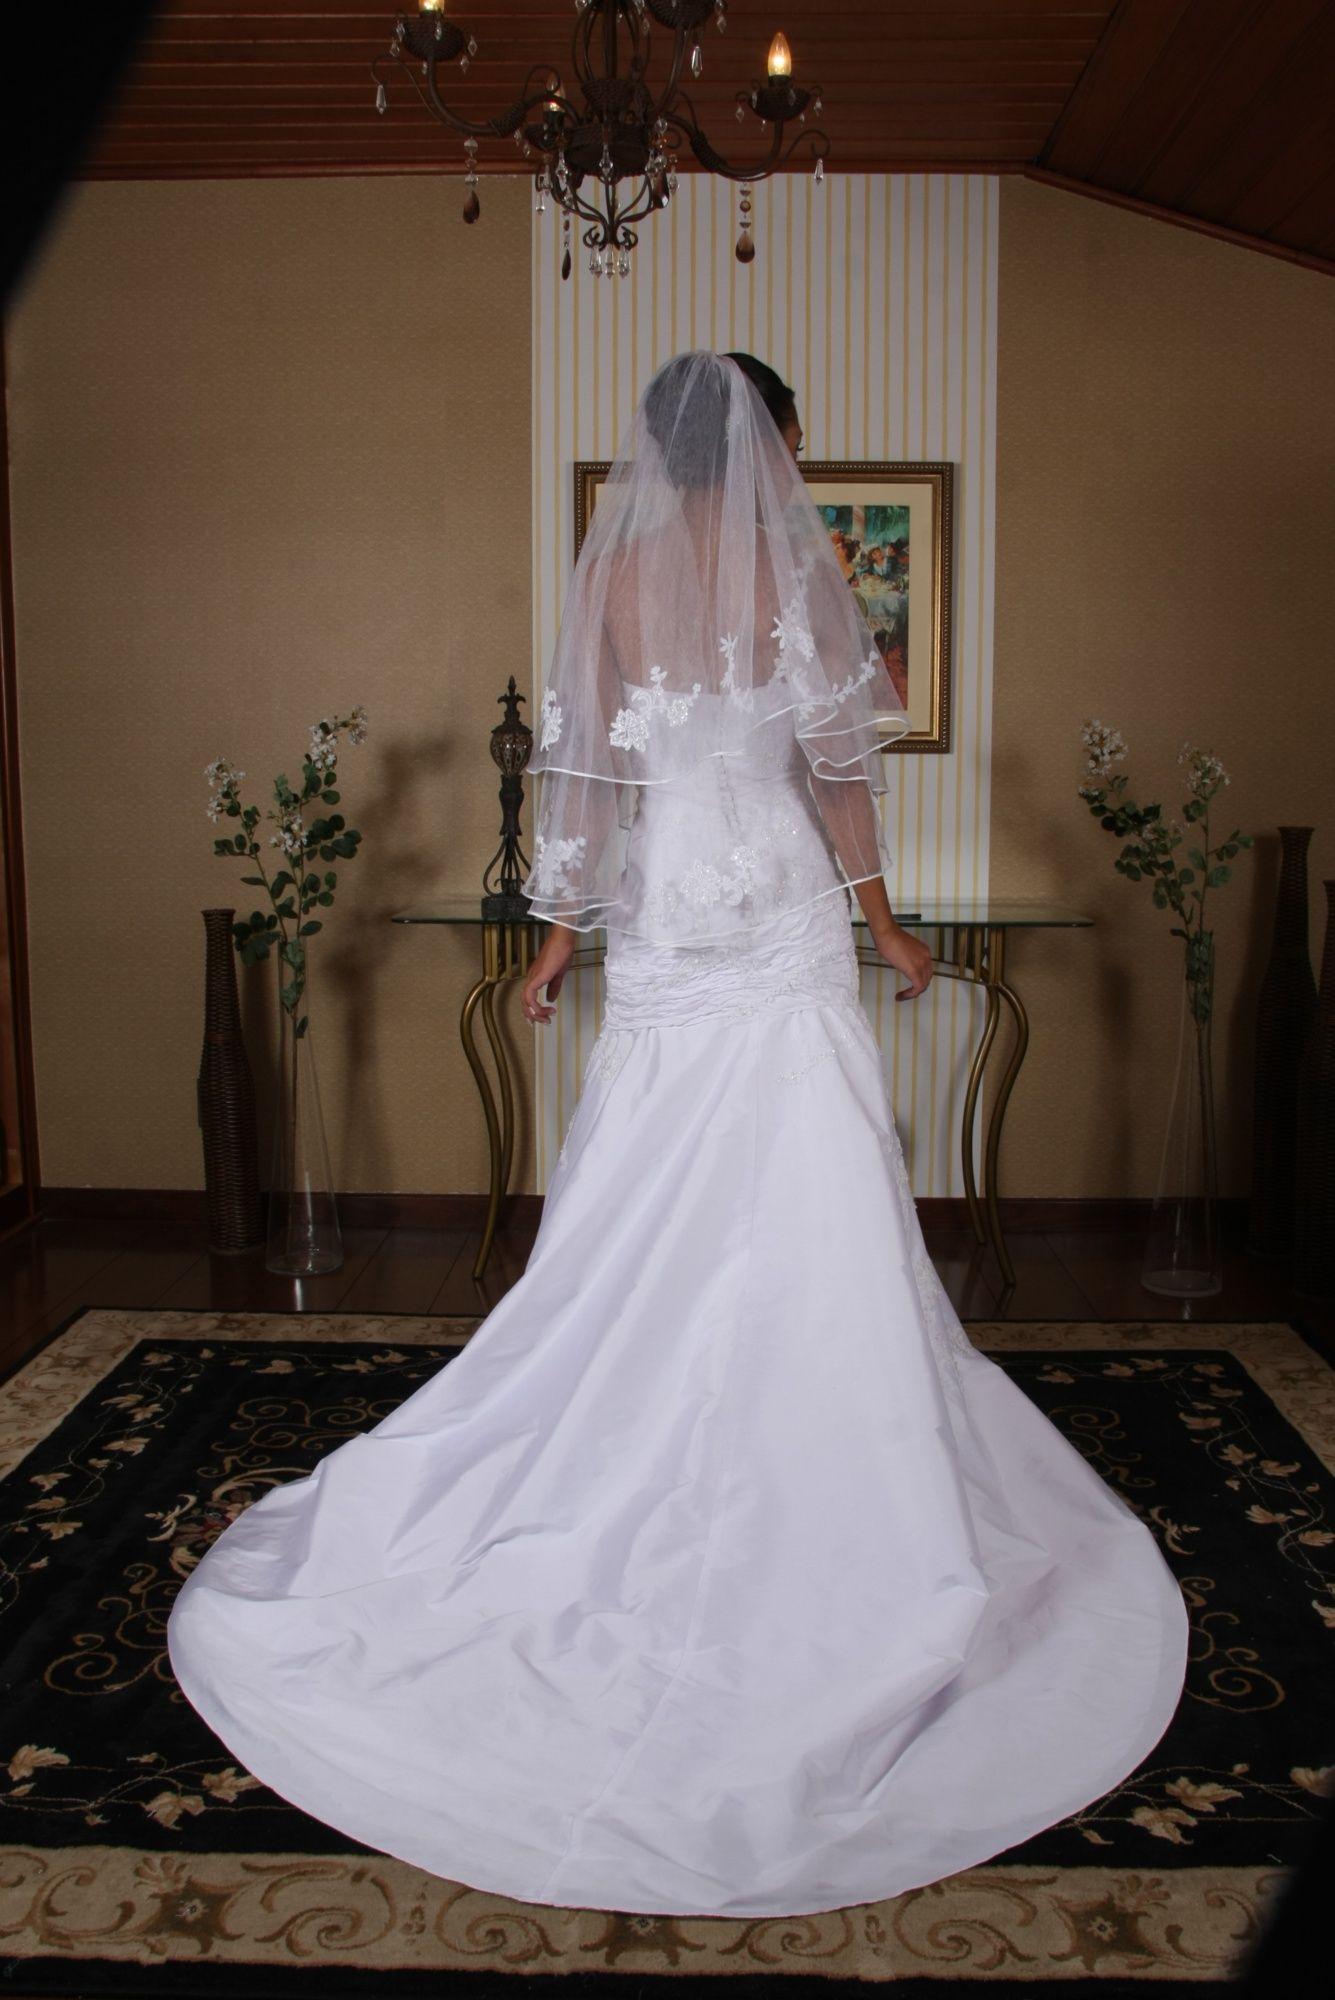 Vestido de Noiva Semi Sereia - 9 - Hipnose Alta Costura e Spa para Noivas e Noivos - Campinas - SP Vestido de Noiva, Vestido de Noiva Semi Sereia, Hipnose Alta Costura